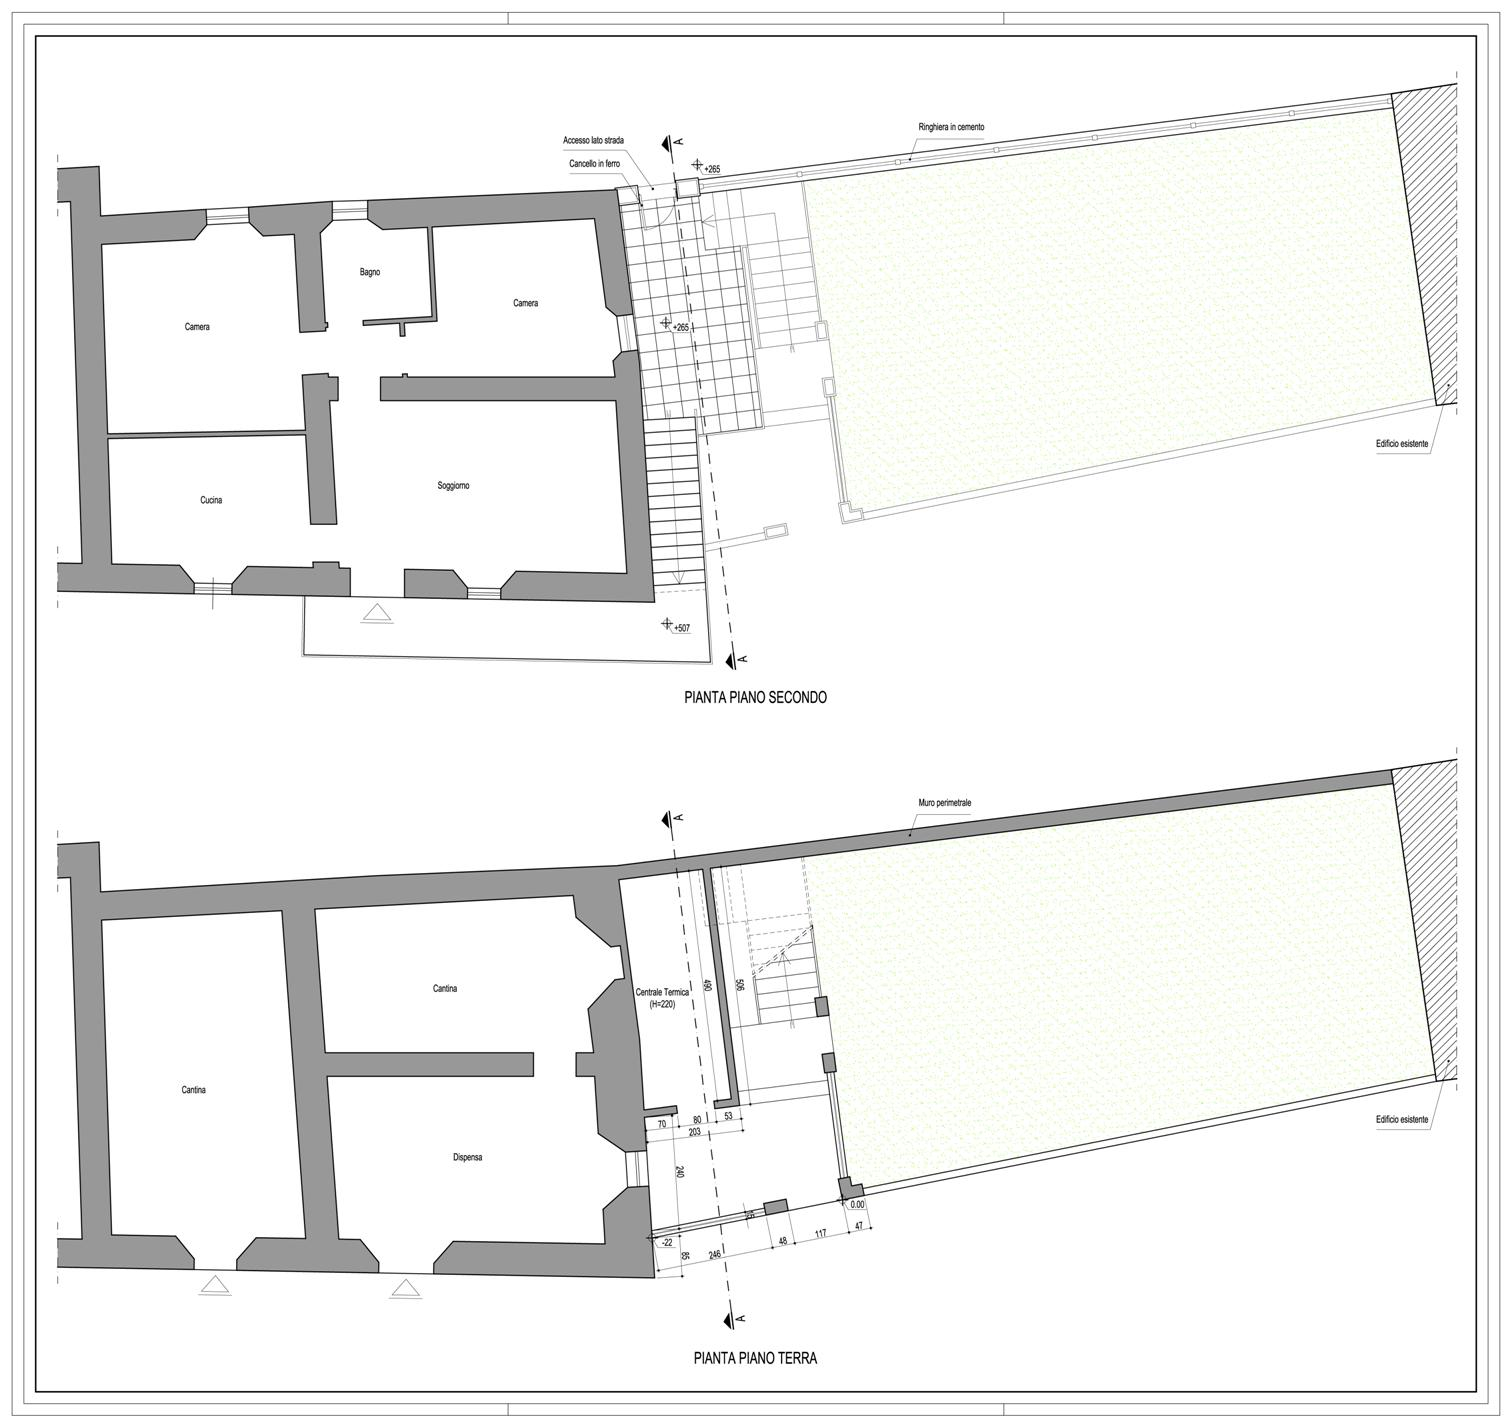 Progetti architettonici studio ing romeo aiello - Garage interrato ...